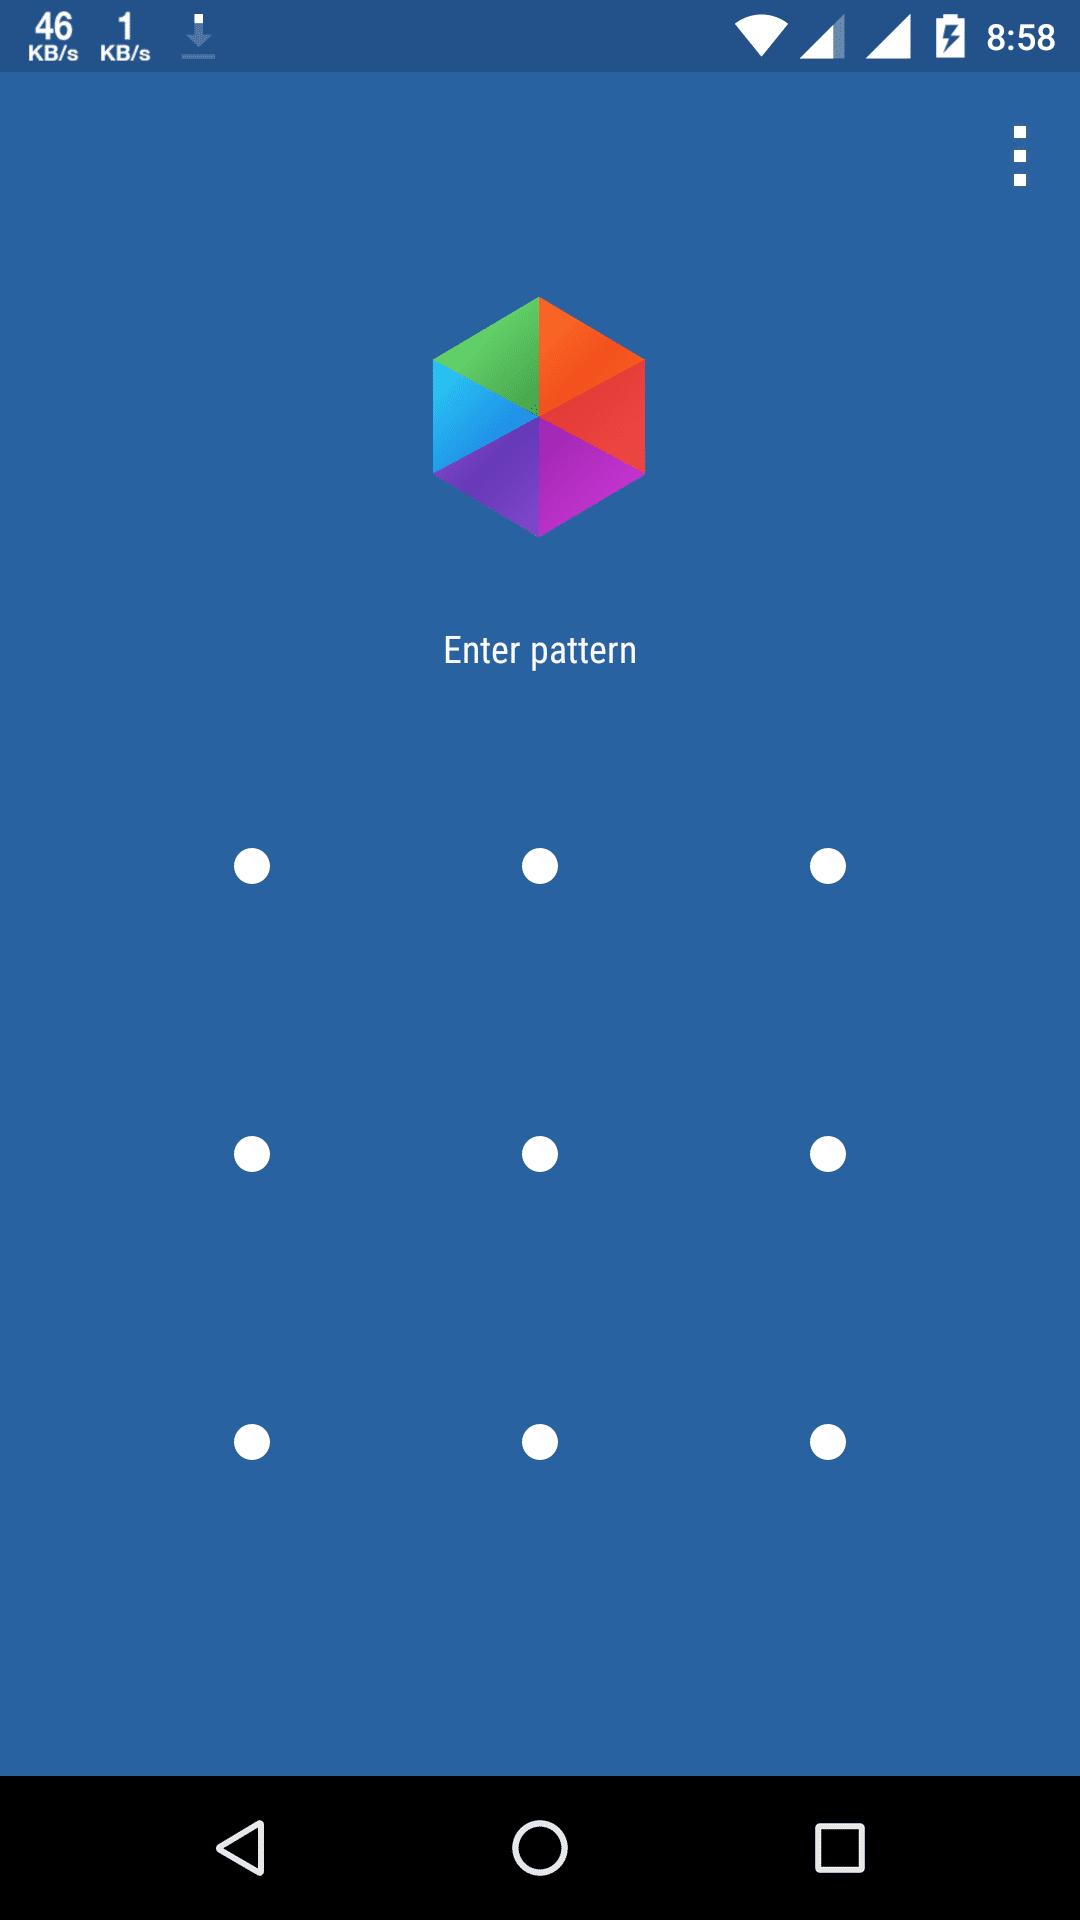 Hexlock applocks for Android - Best App Locker for Android - Best App Lock for Android